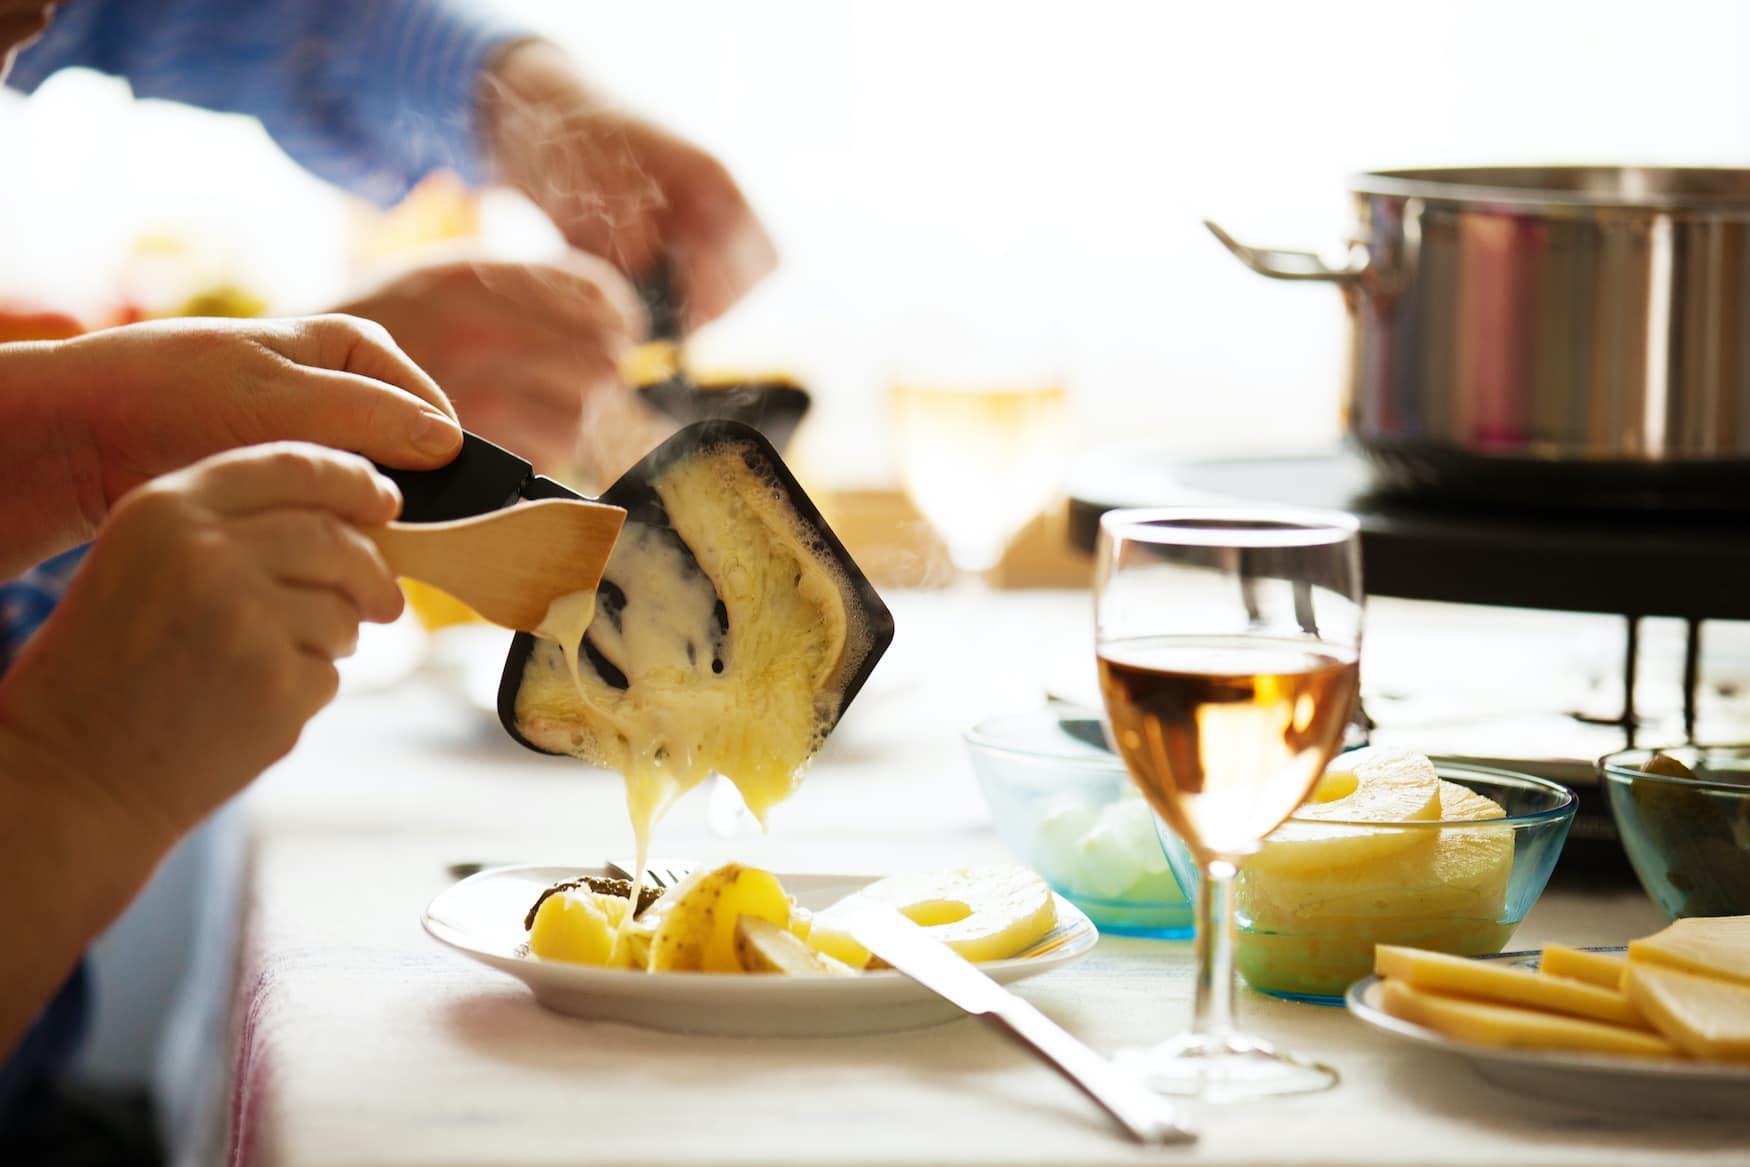 Weihnachtsdinner in den Niederlanden: Raclette